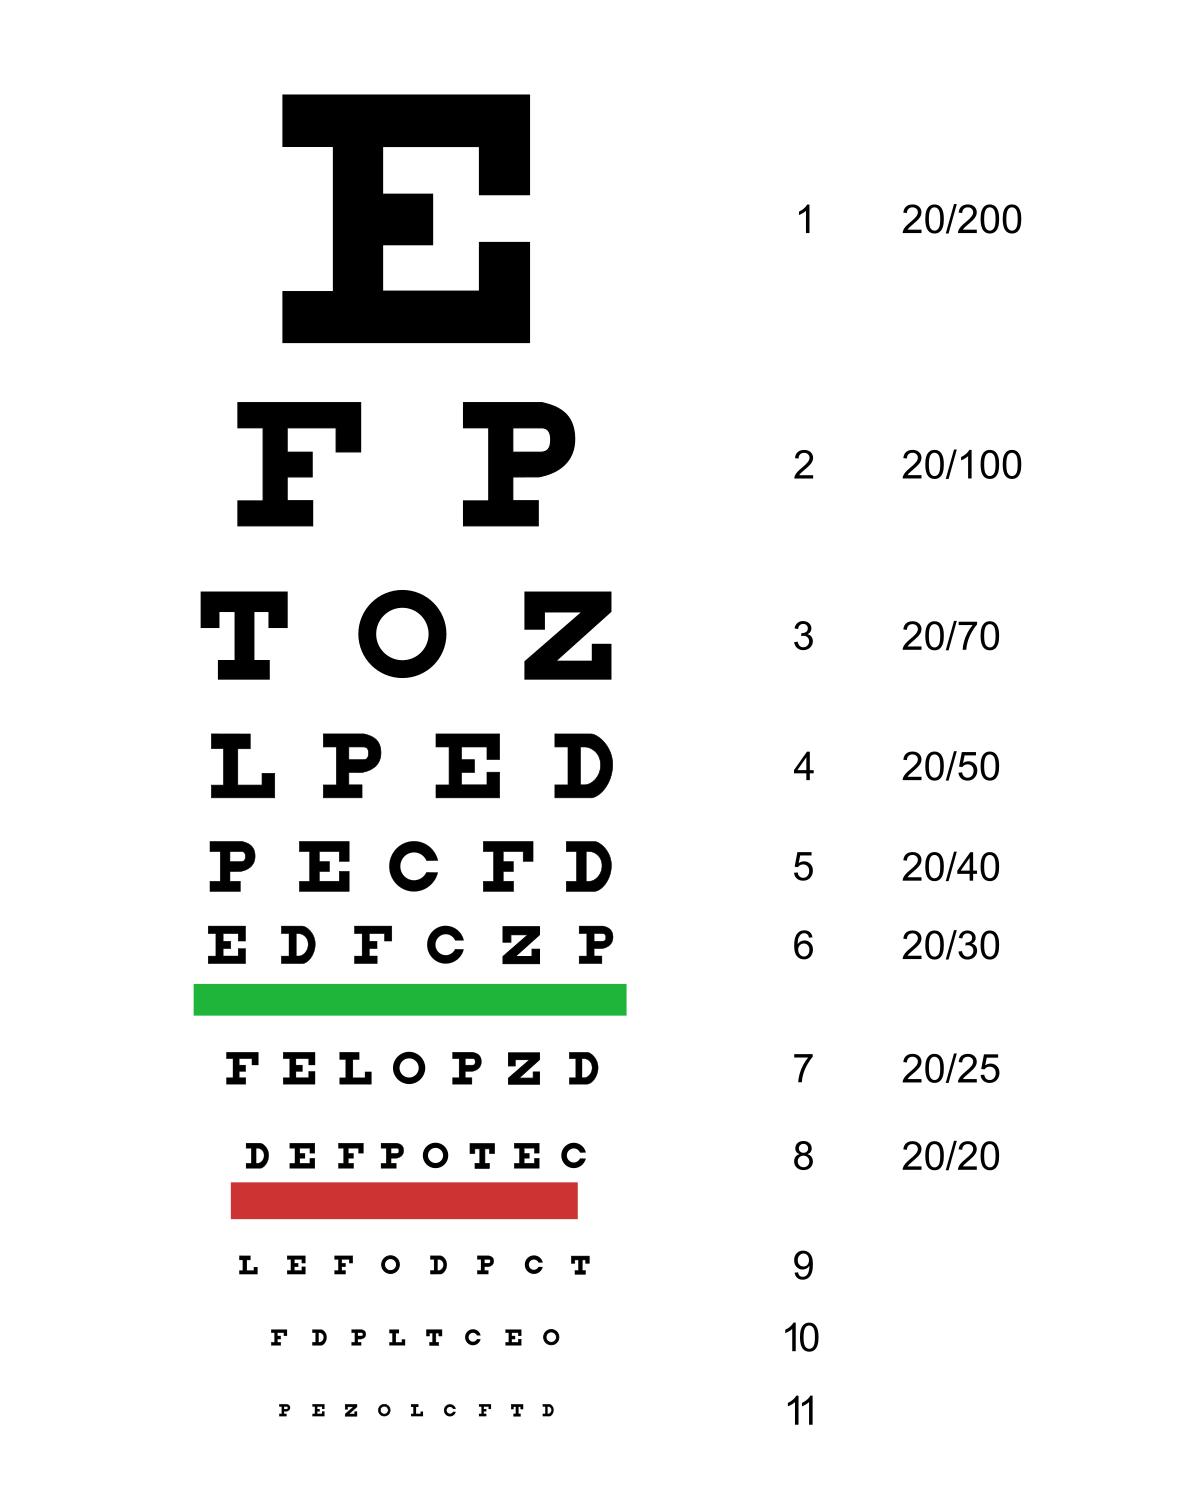 la ce este legată viziunea viziunea 6 este bună